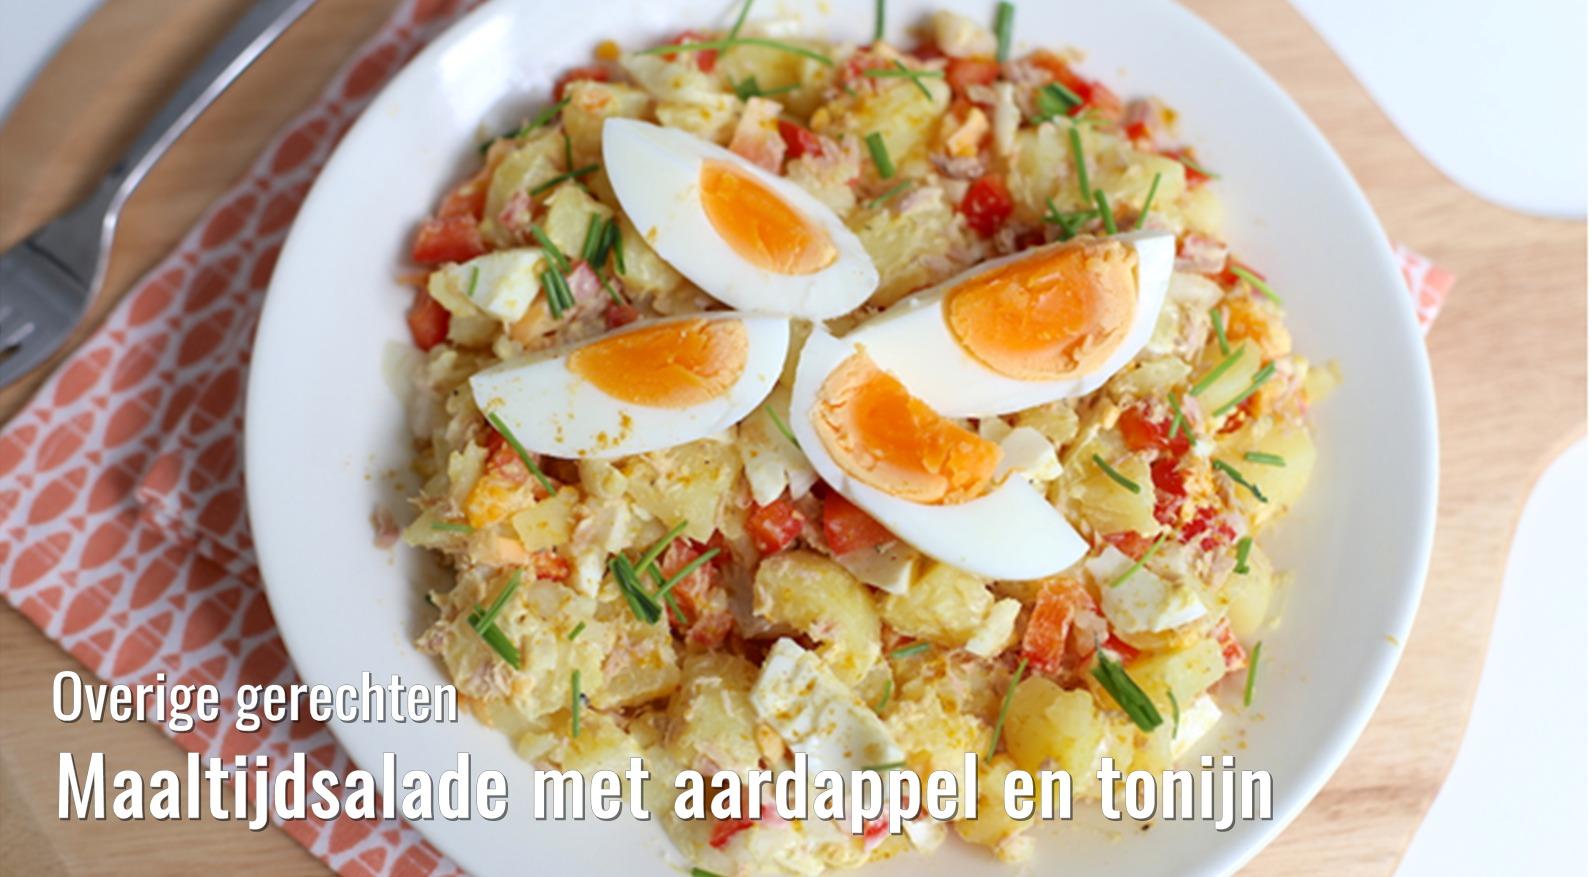 Maaltijdsalade met aardappelen en tonijn